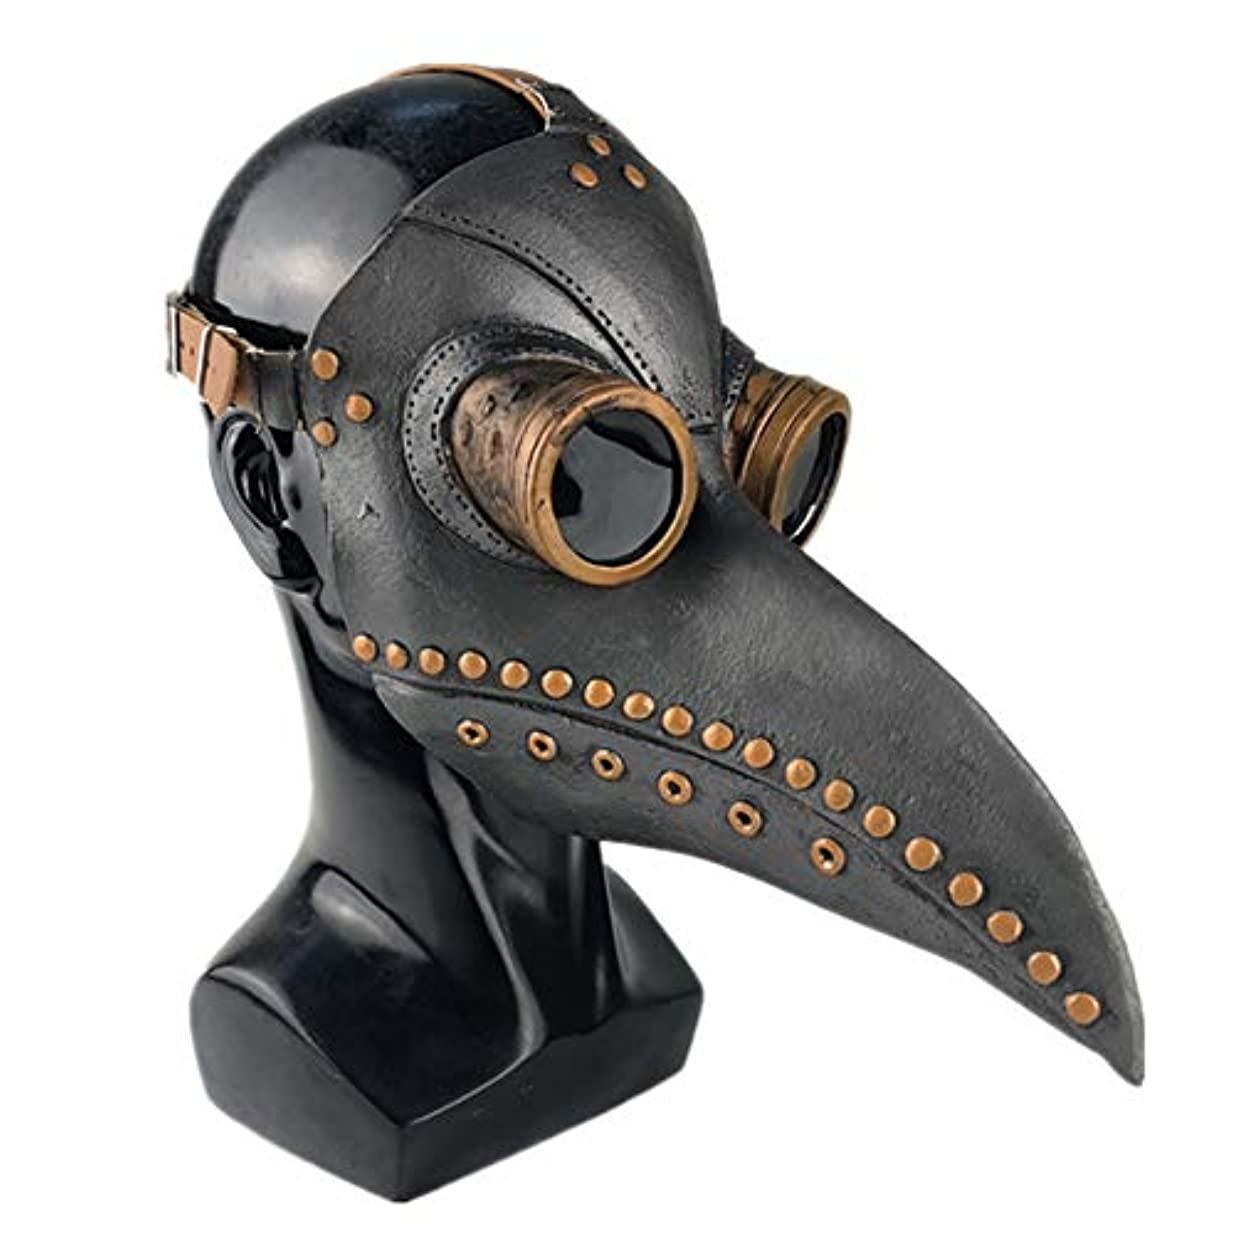 火傷火仕様Esolom ハロウィンマスク ペストスチーム喙ドクターマスク ホリデーパーティー用品 黒 銅の爪 ホラーマスク ハロウィンデコレーション 通気性